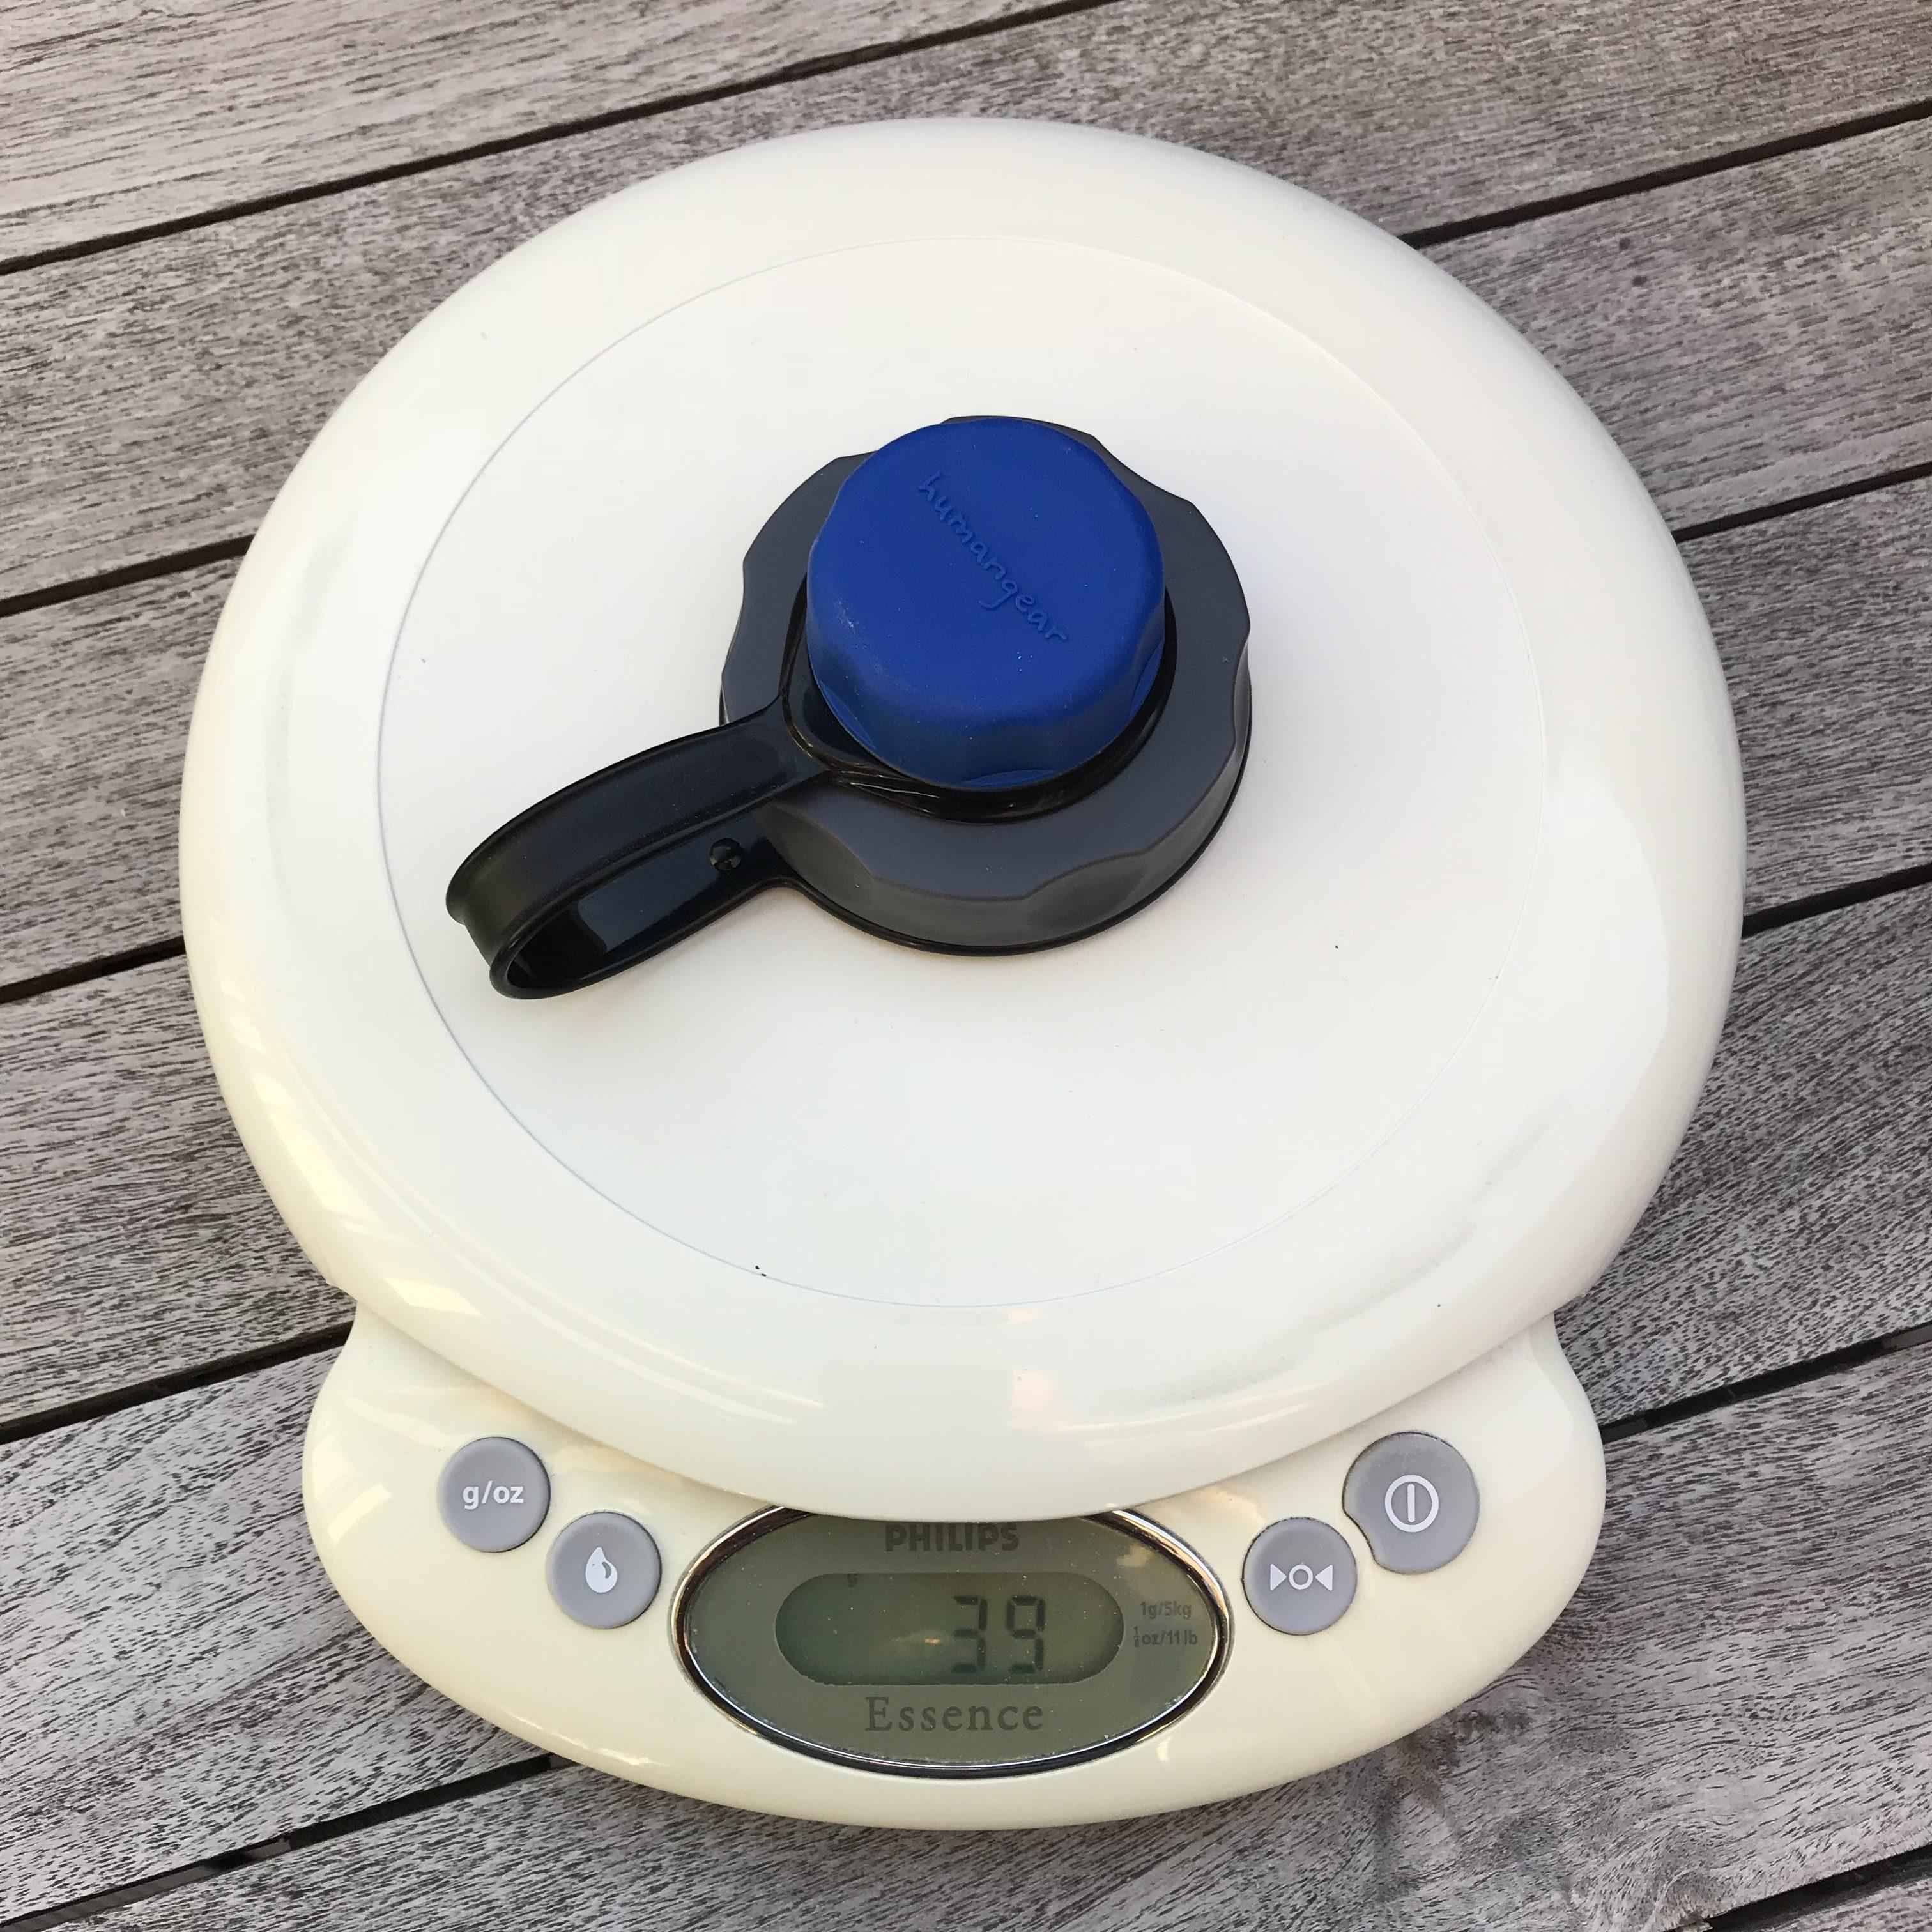 capCAP fra Humangear. capCAP låget fra Humangear vejer XX gram, altså en vægtforøgelse på hele XX gram.